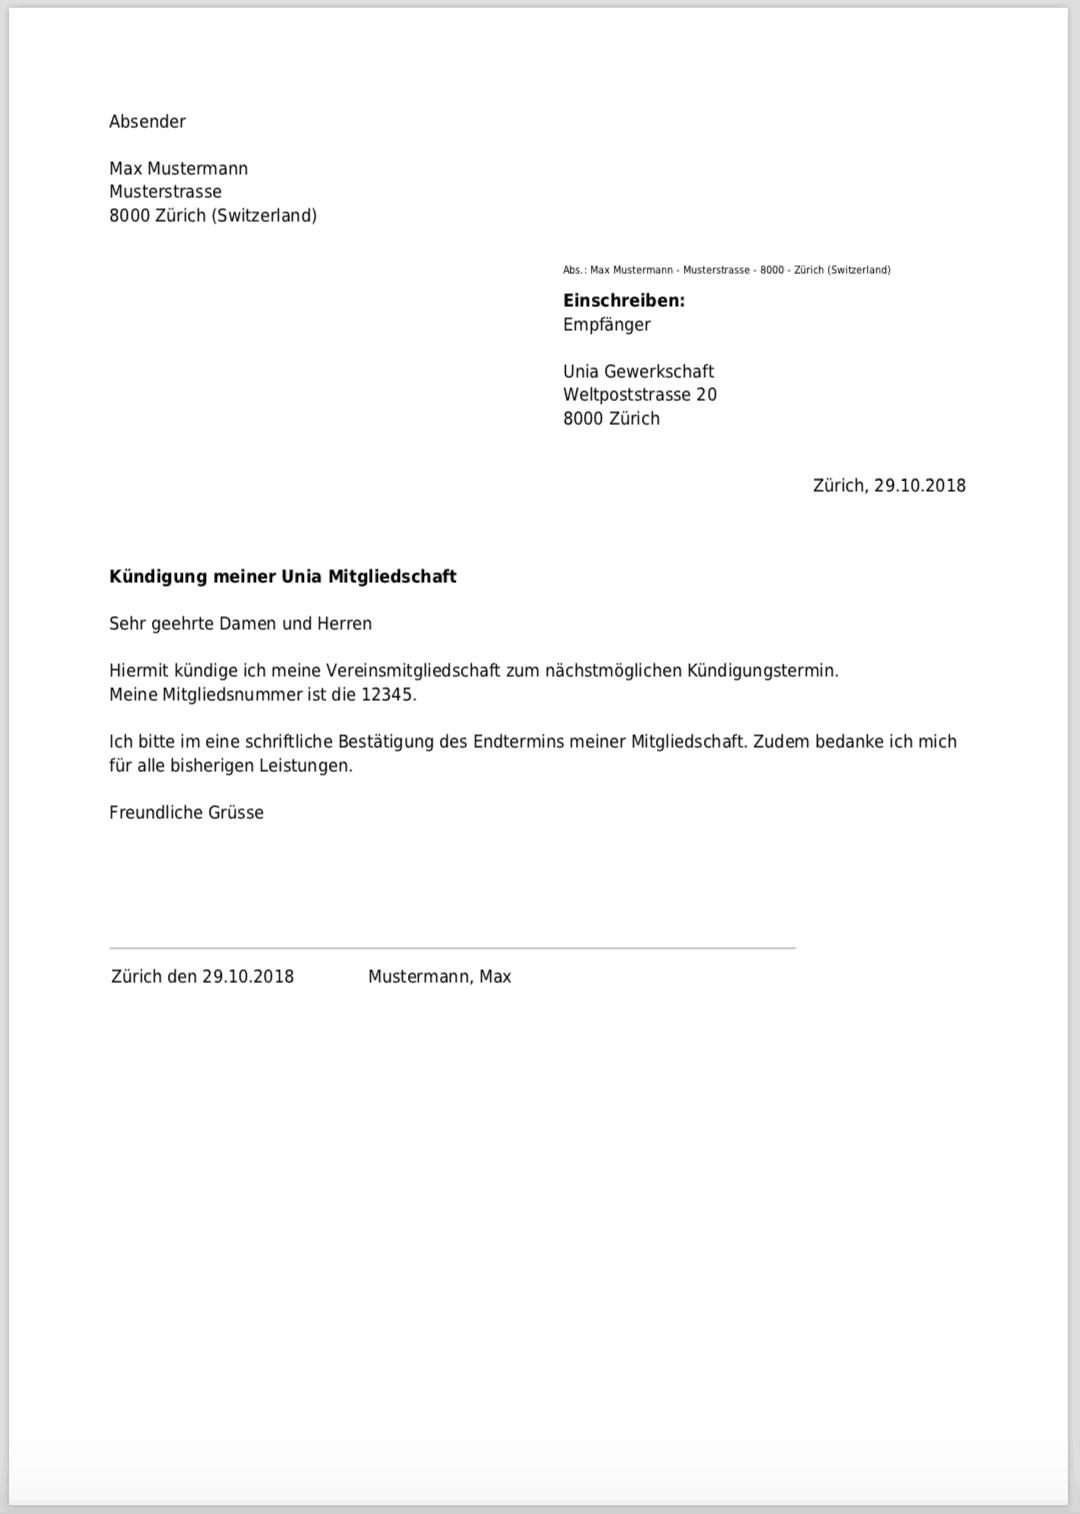 Kündigung für Unia Mitgliedschaft kostenlos als PDF erstellen